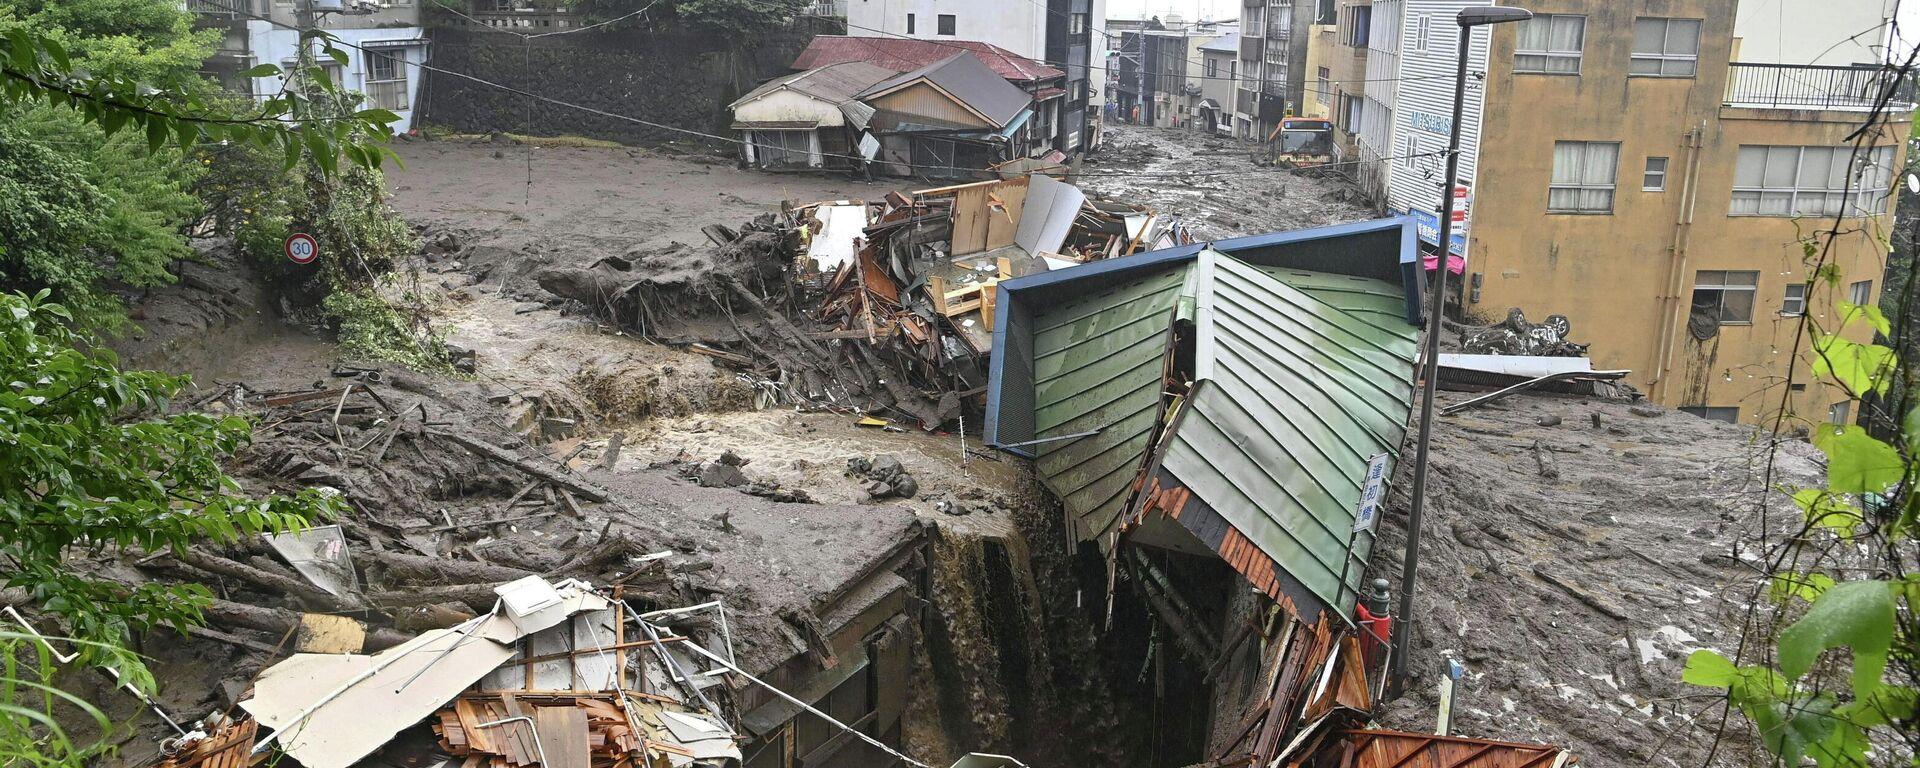 Casas destruidas por el deslizamiento de tierra en Atami - Sputnik Mundo, 1920, 03.07.2021